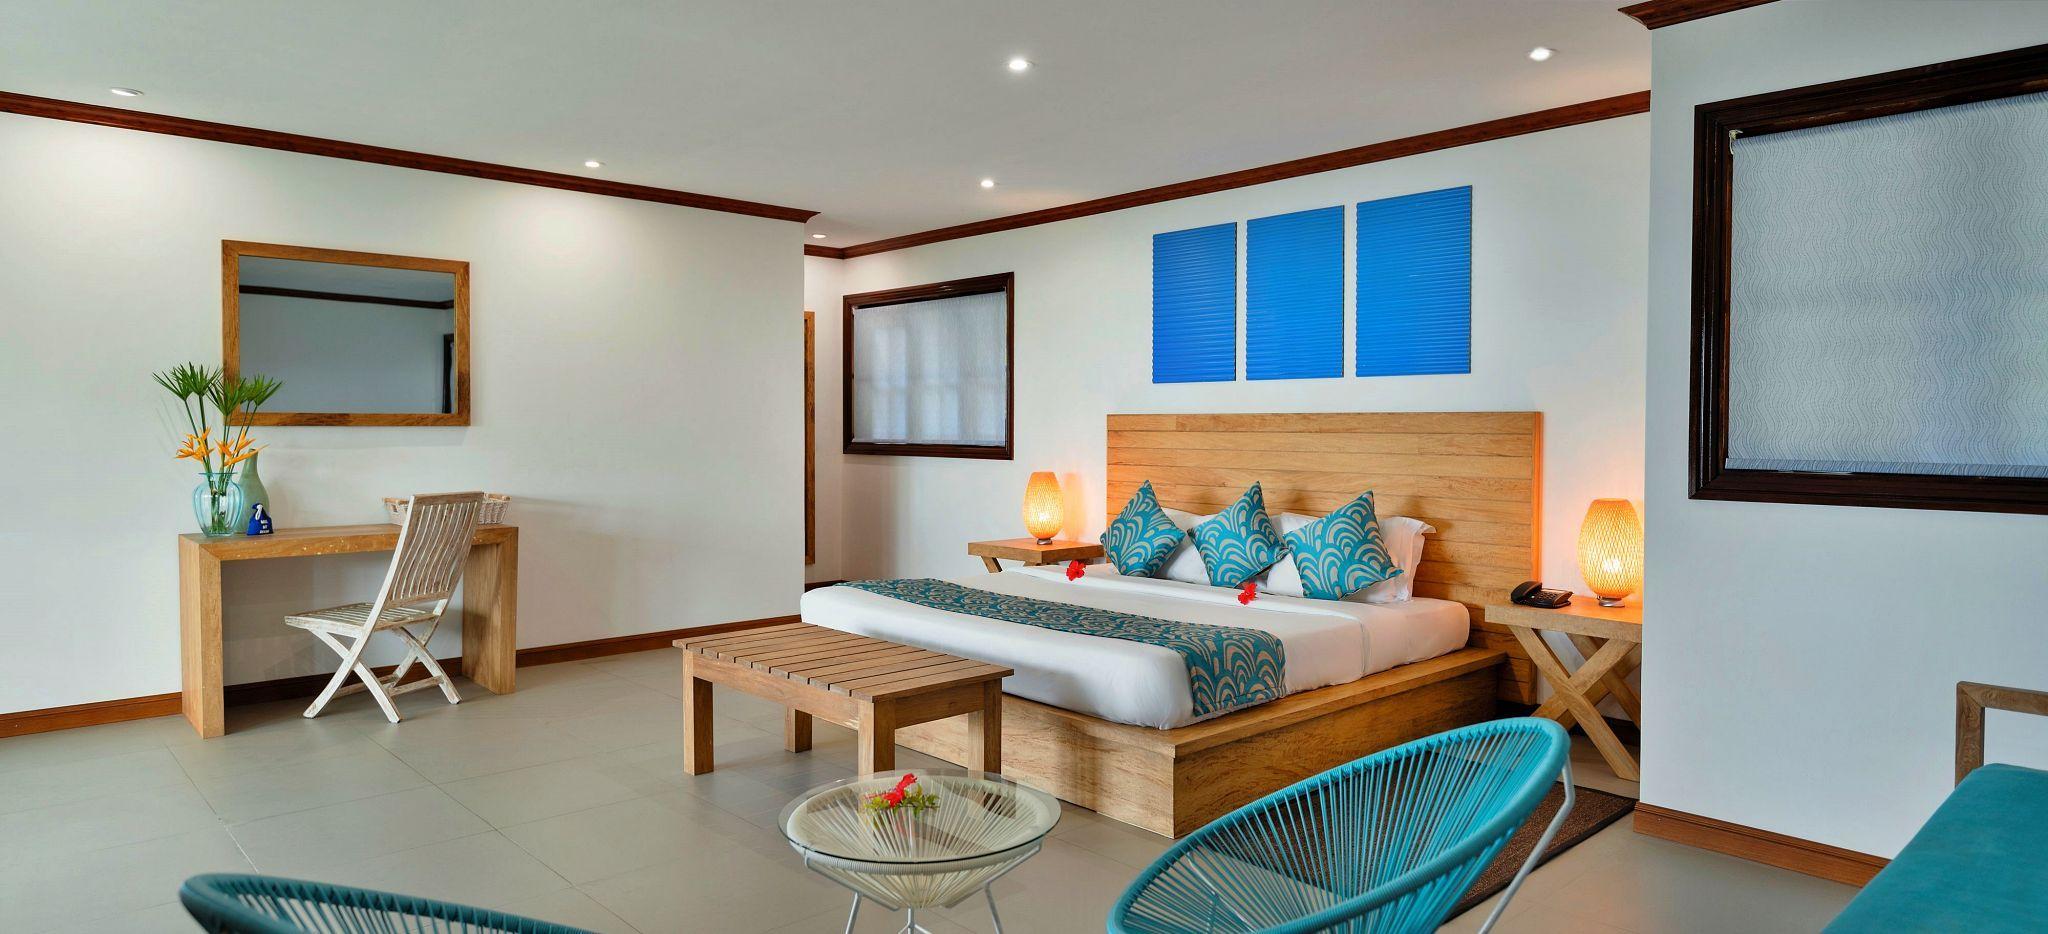 Helles Hotezimmer mit Bett und Schreibtisch